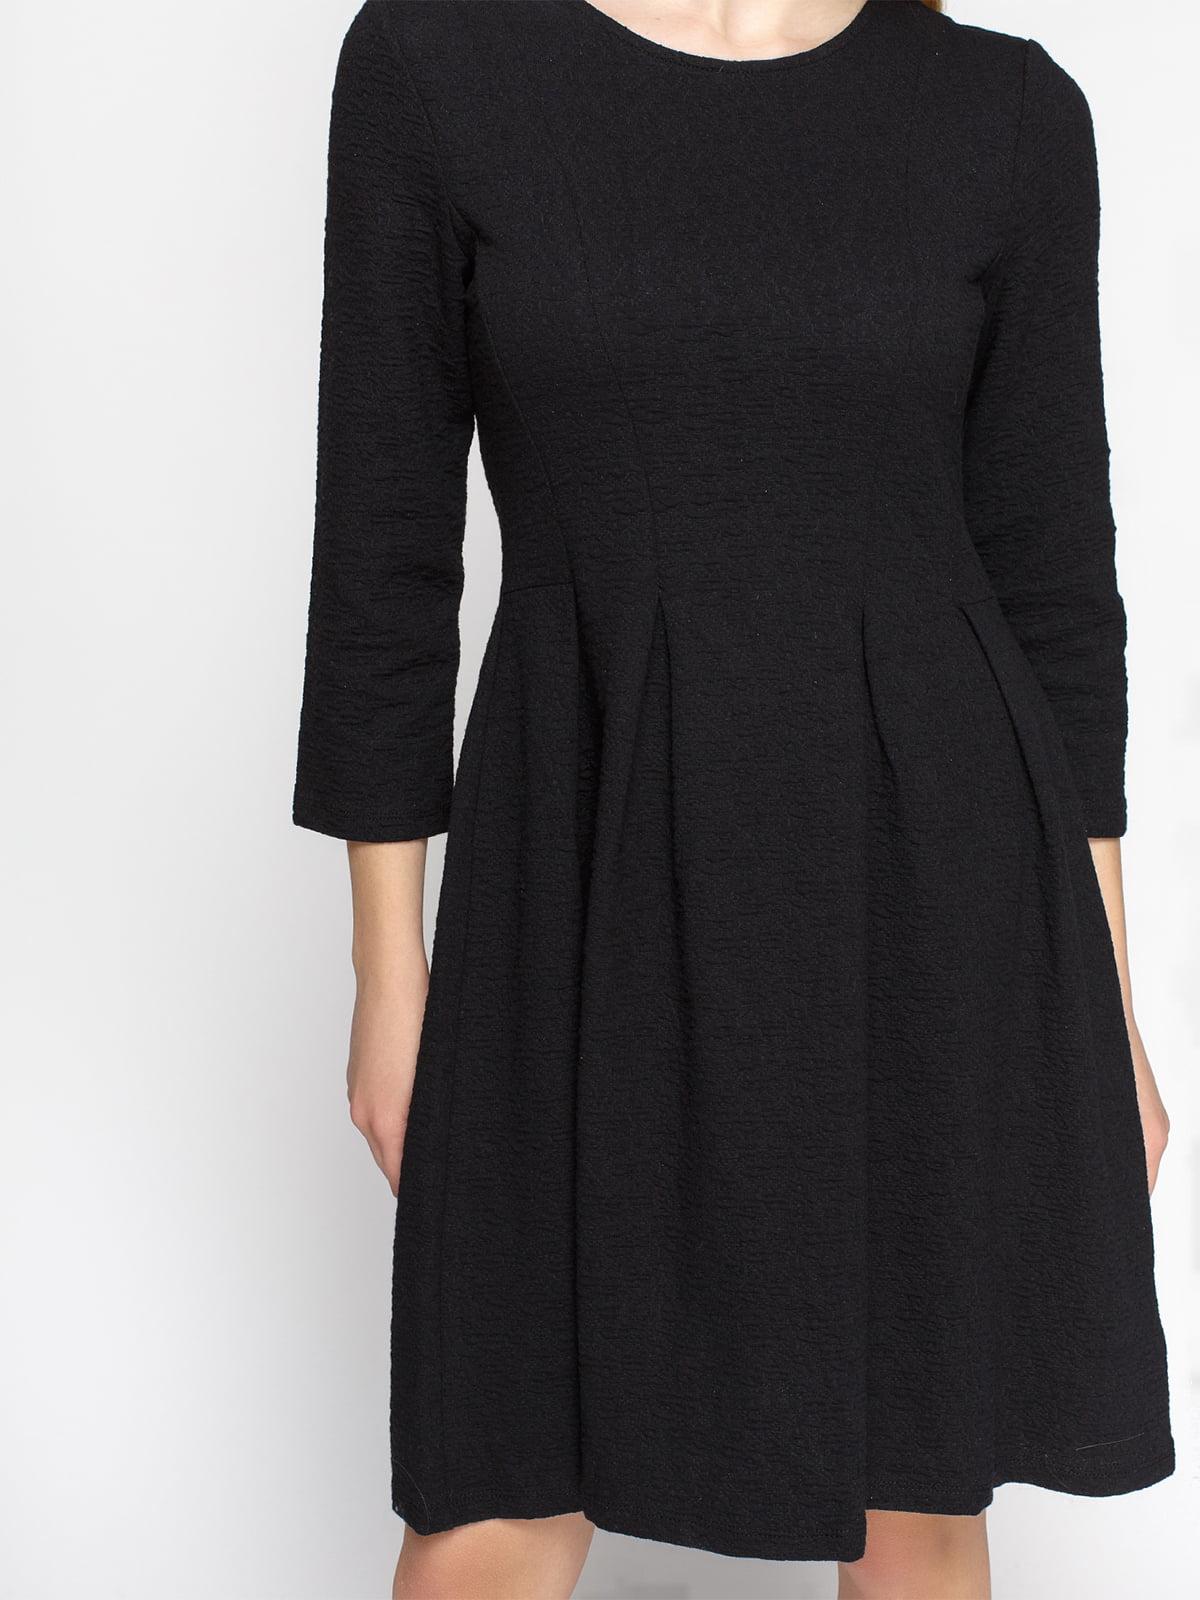 Платье черное | 4546316 | фото 3